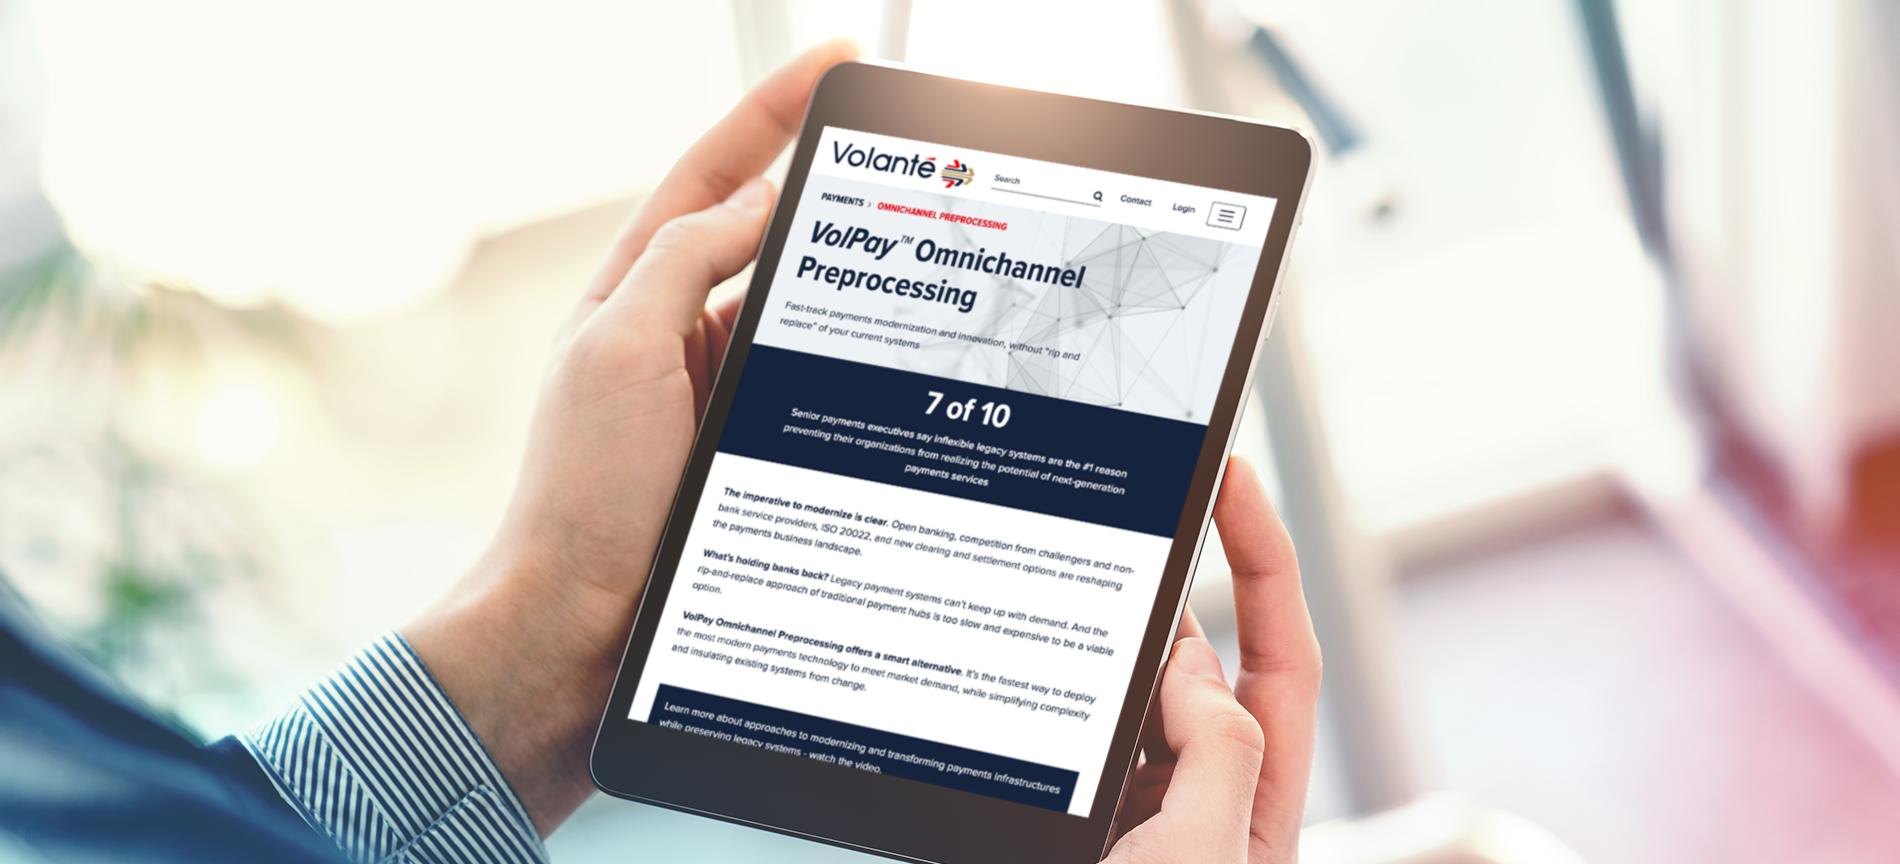 Volante – Refined visual identity, website design and